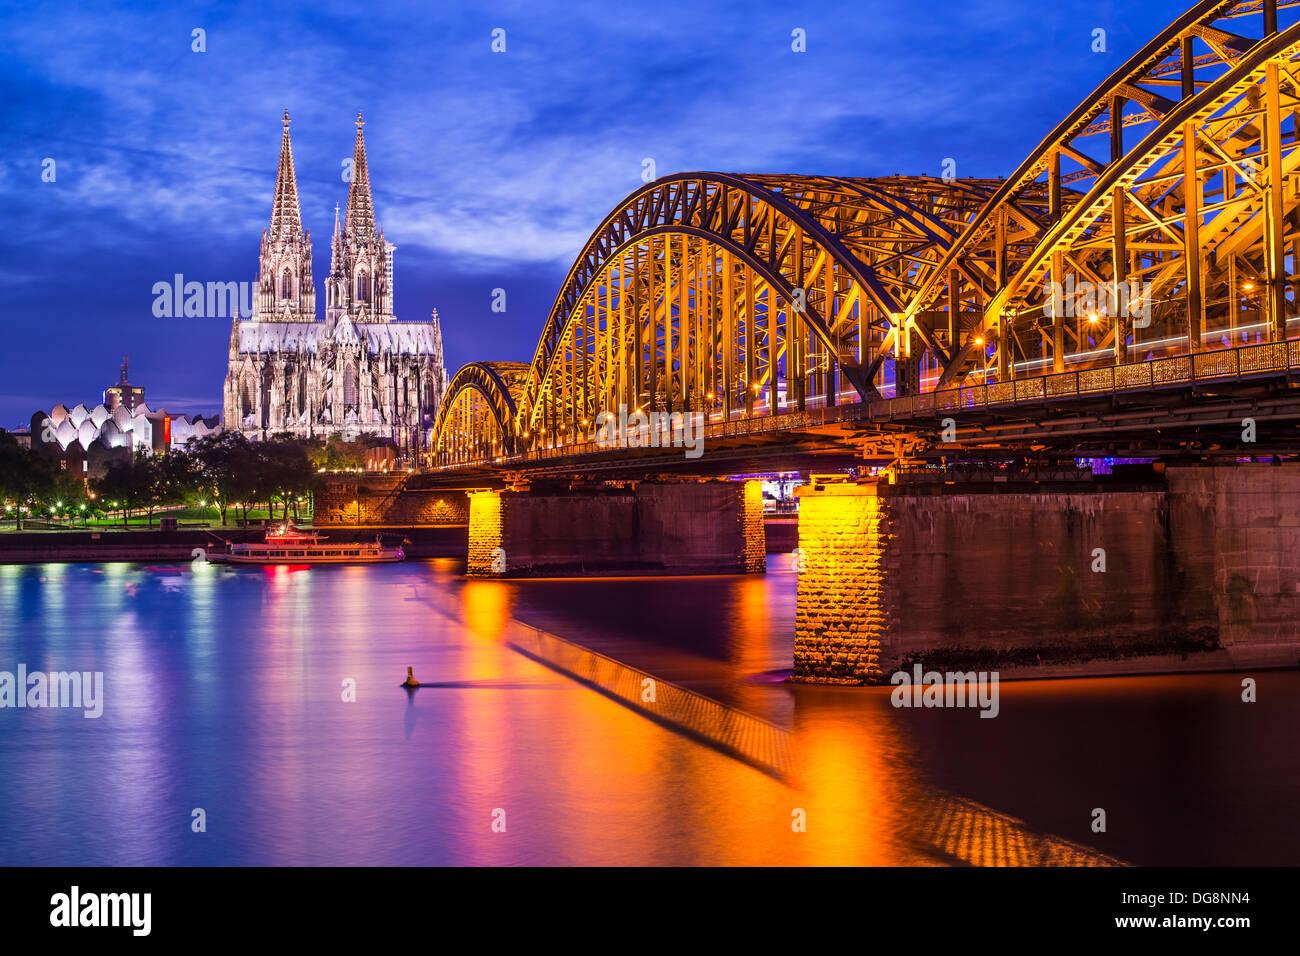 Cathédrale de Cologne à Cologne, Allemagne. Photo Stock